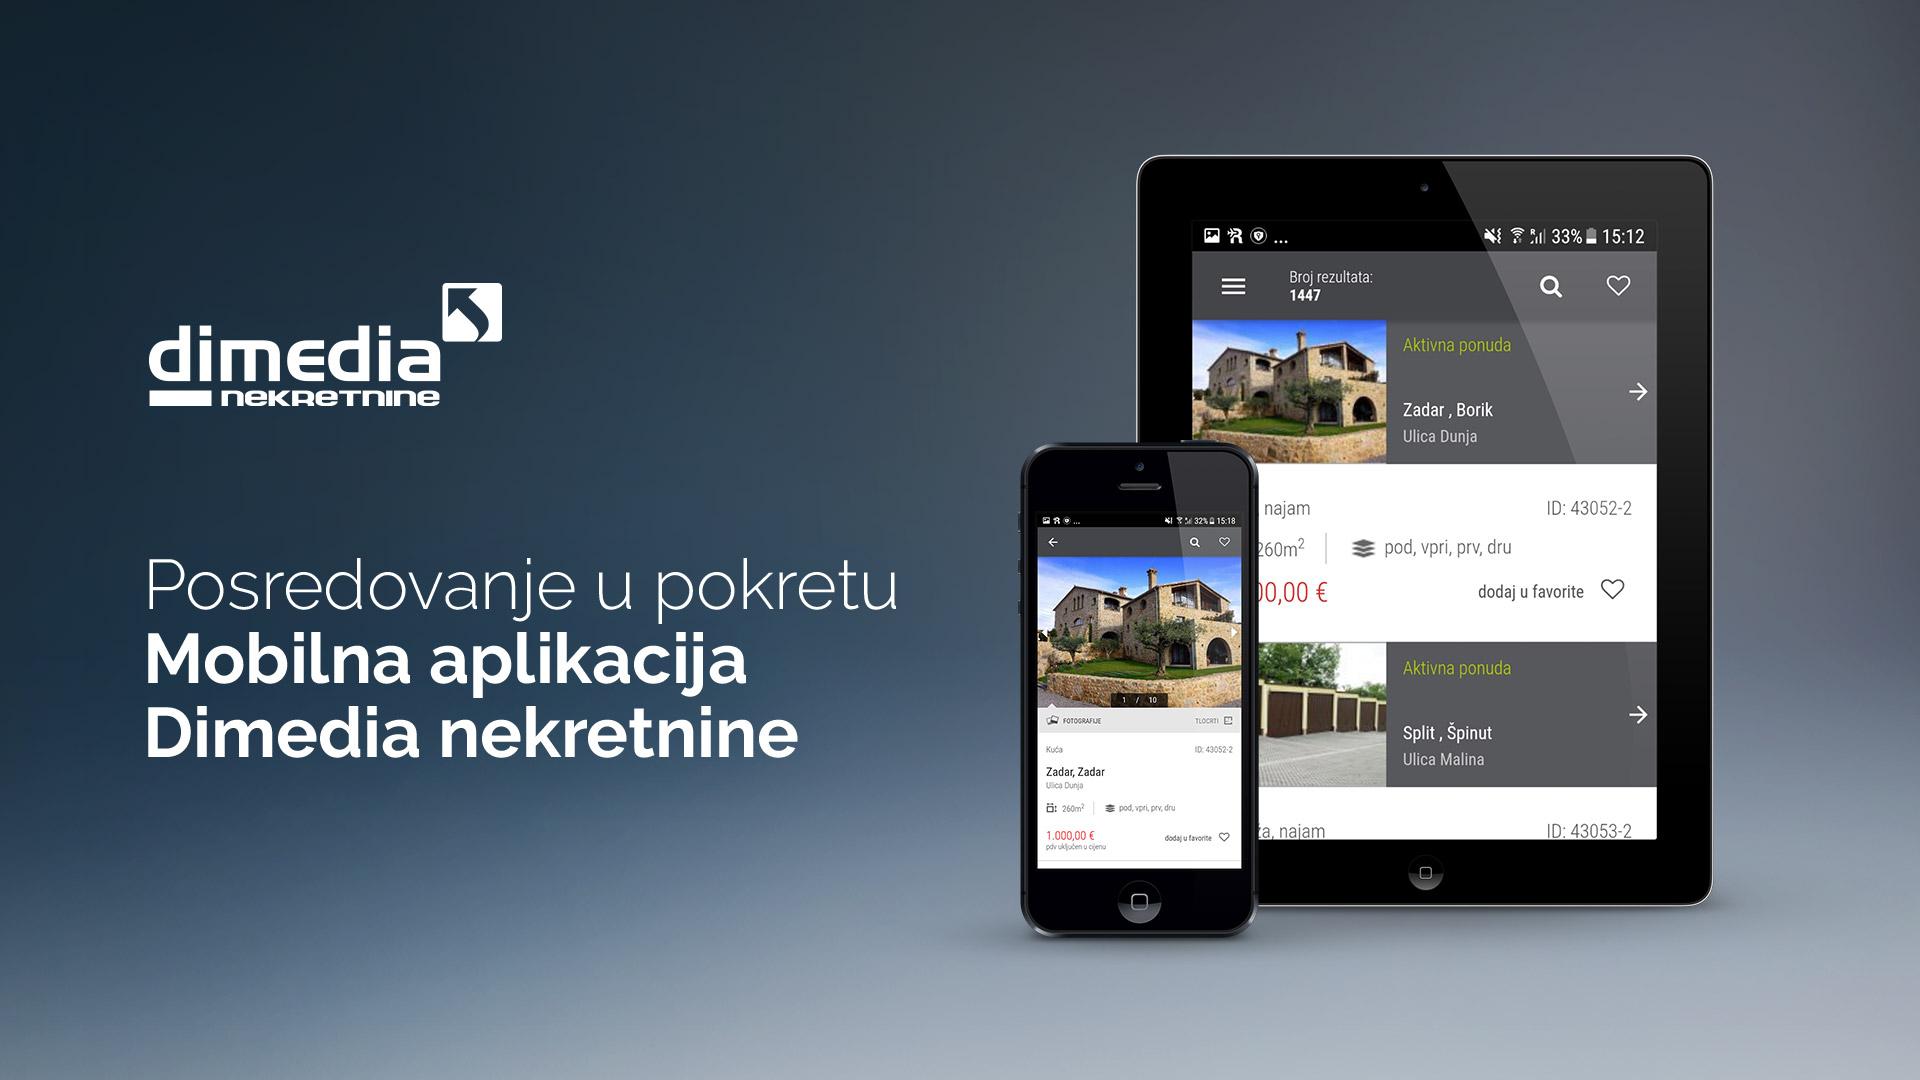 Moblina aplikacija Dimedia nekretnine